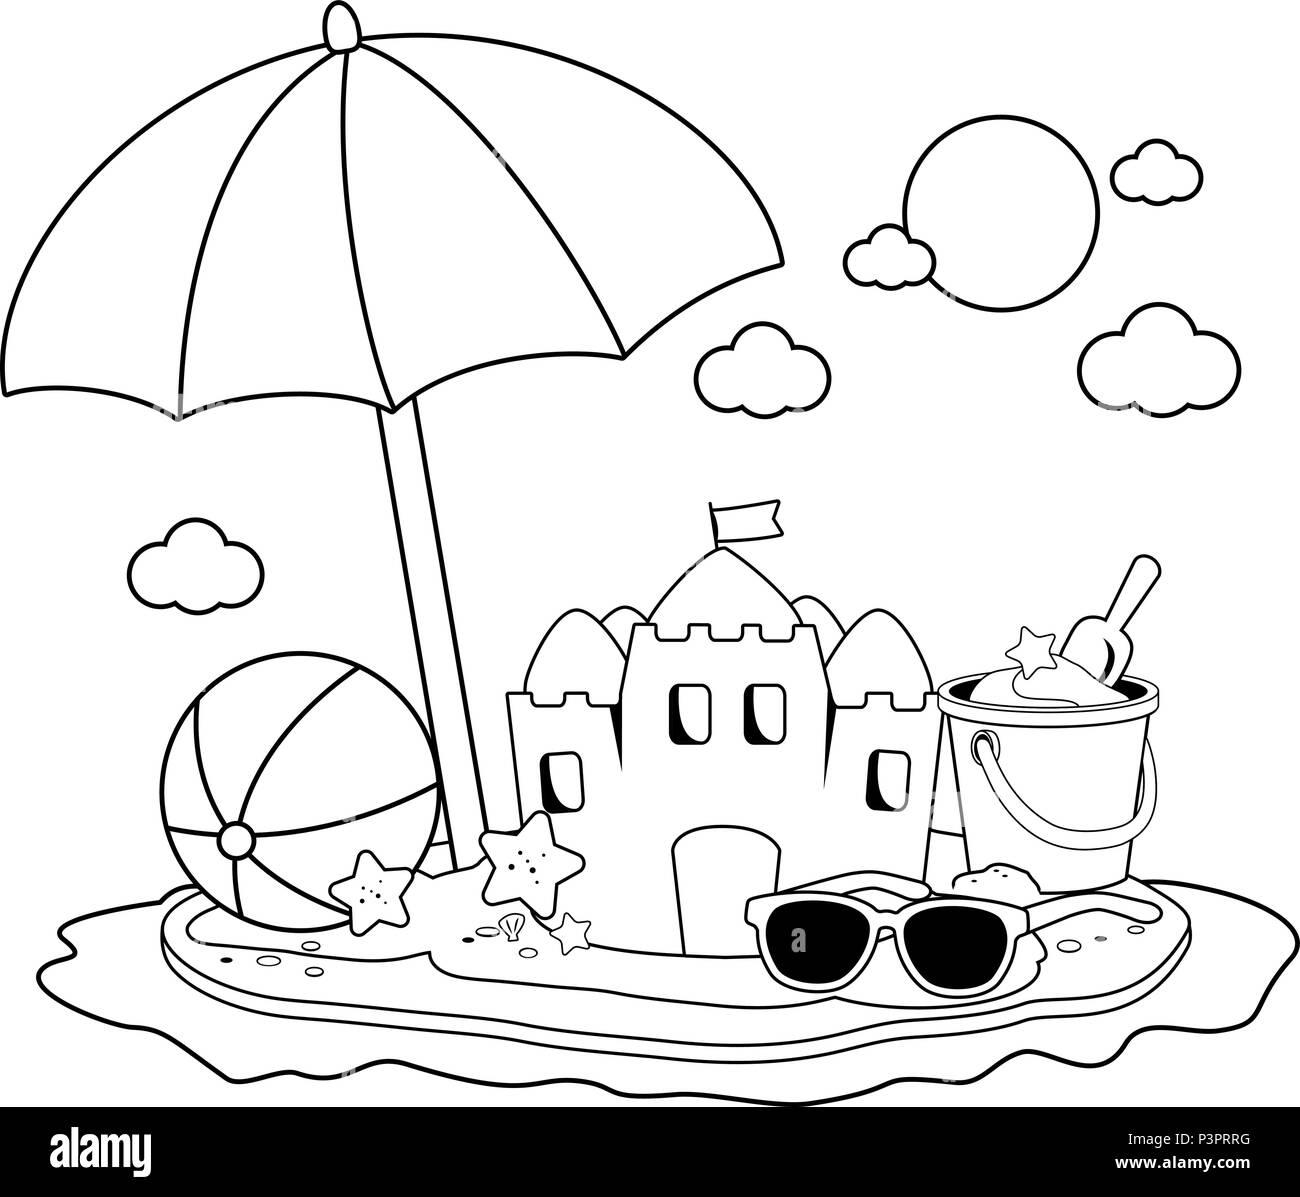 Ausgezeichnet Strand Malbuch Fotos - Malvorlagen-Ideen ...